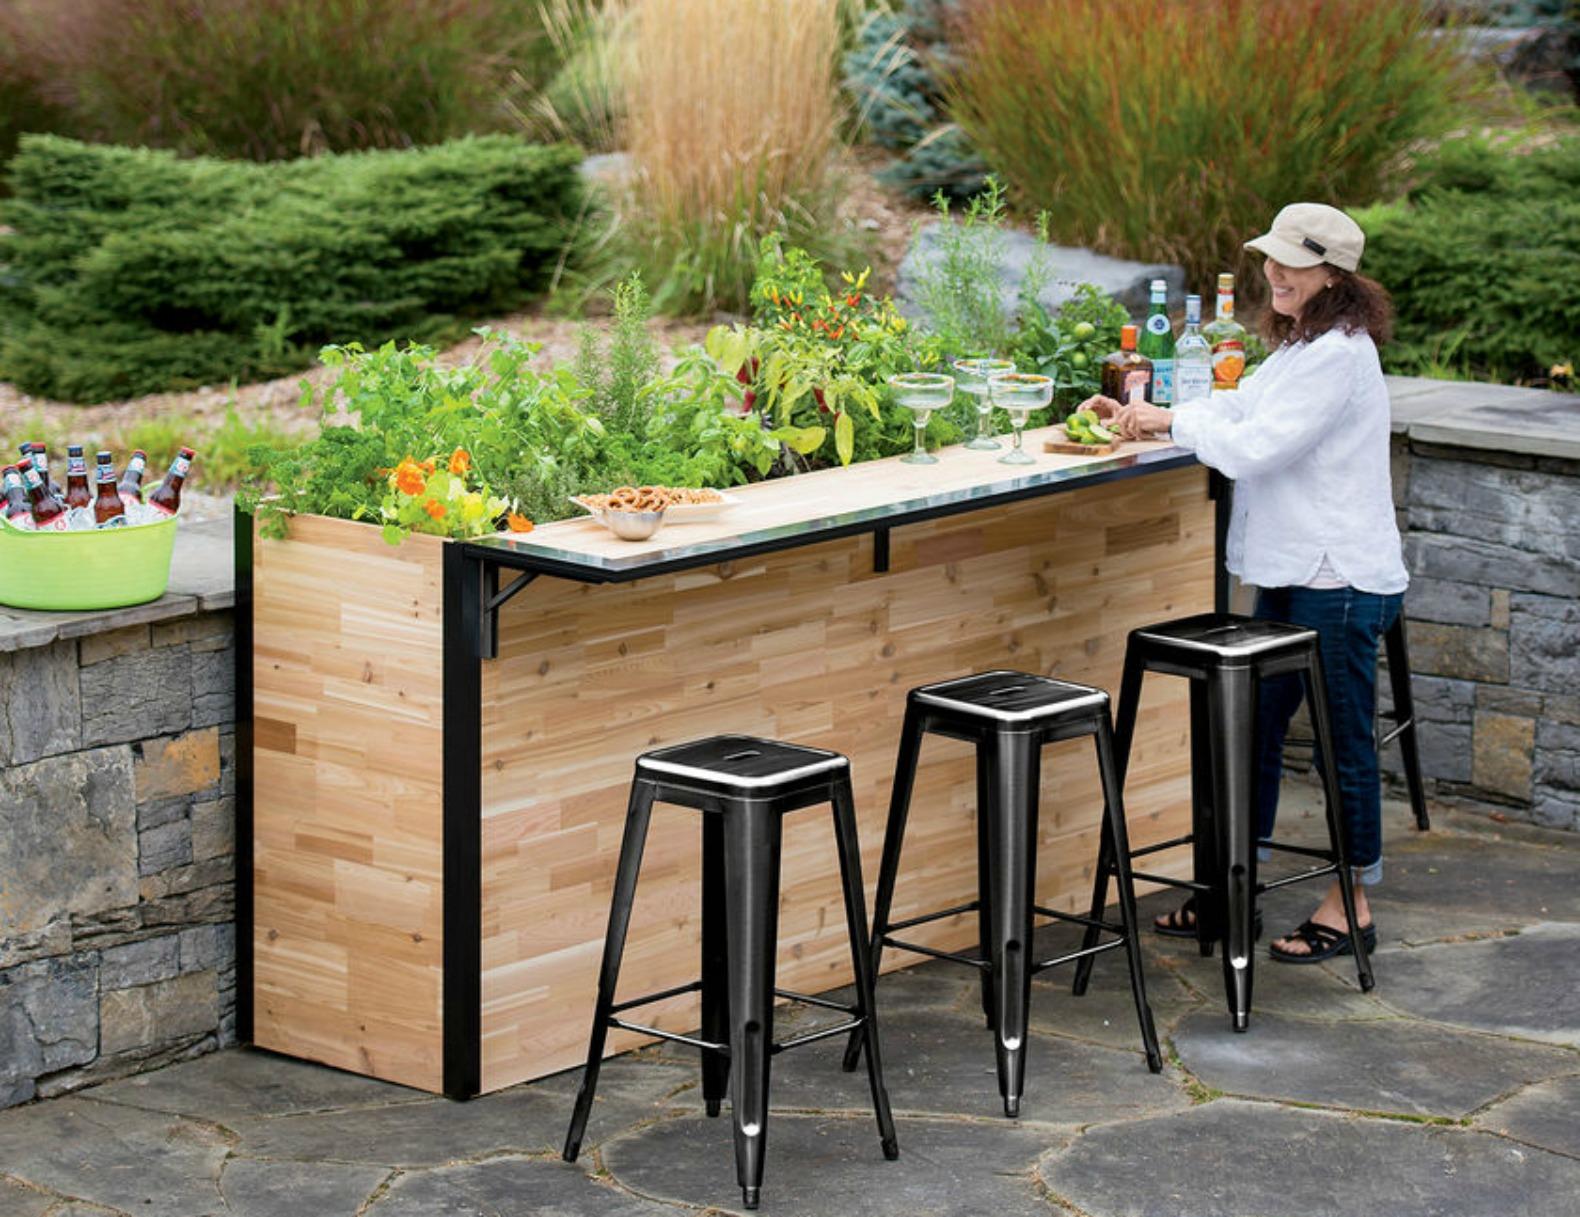 Garden Glamour by Duchess Designs: Award-Winning Plant-a-Bar ...